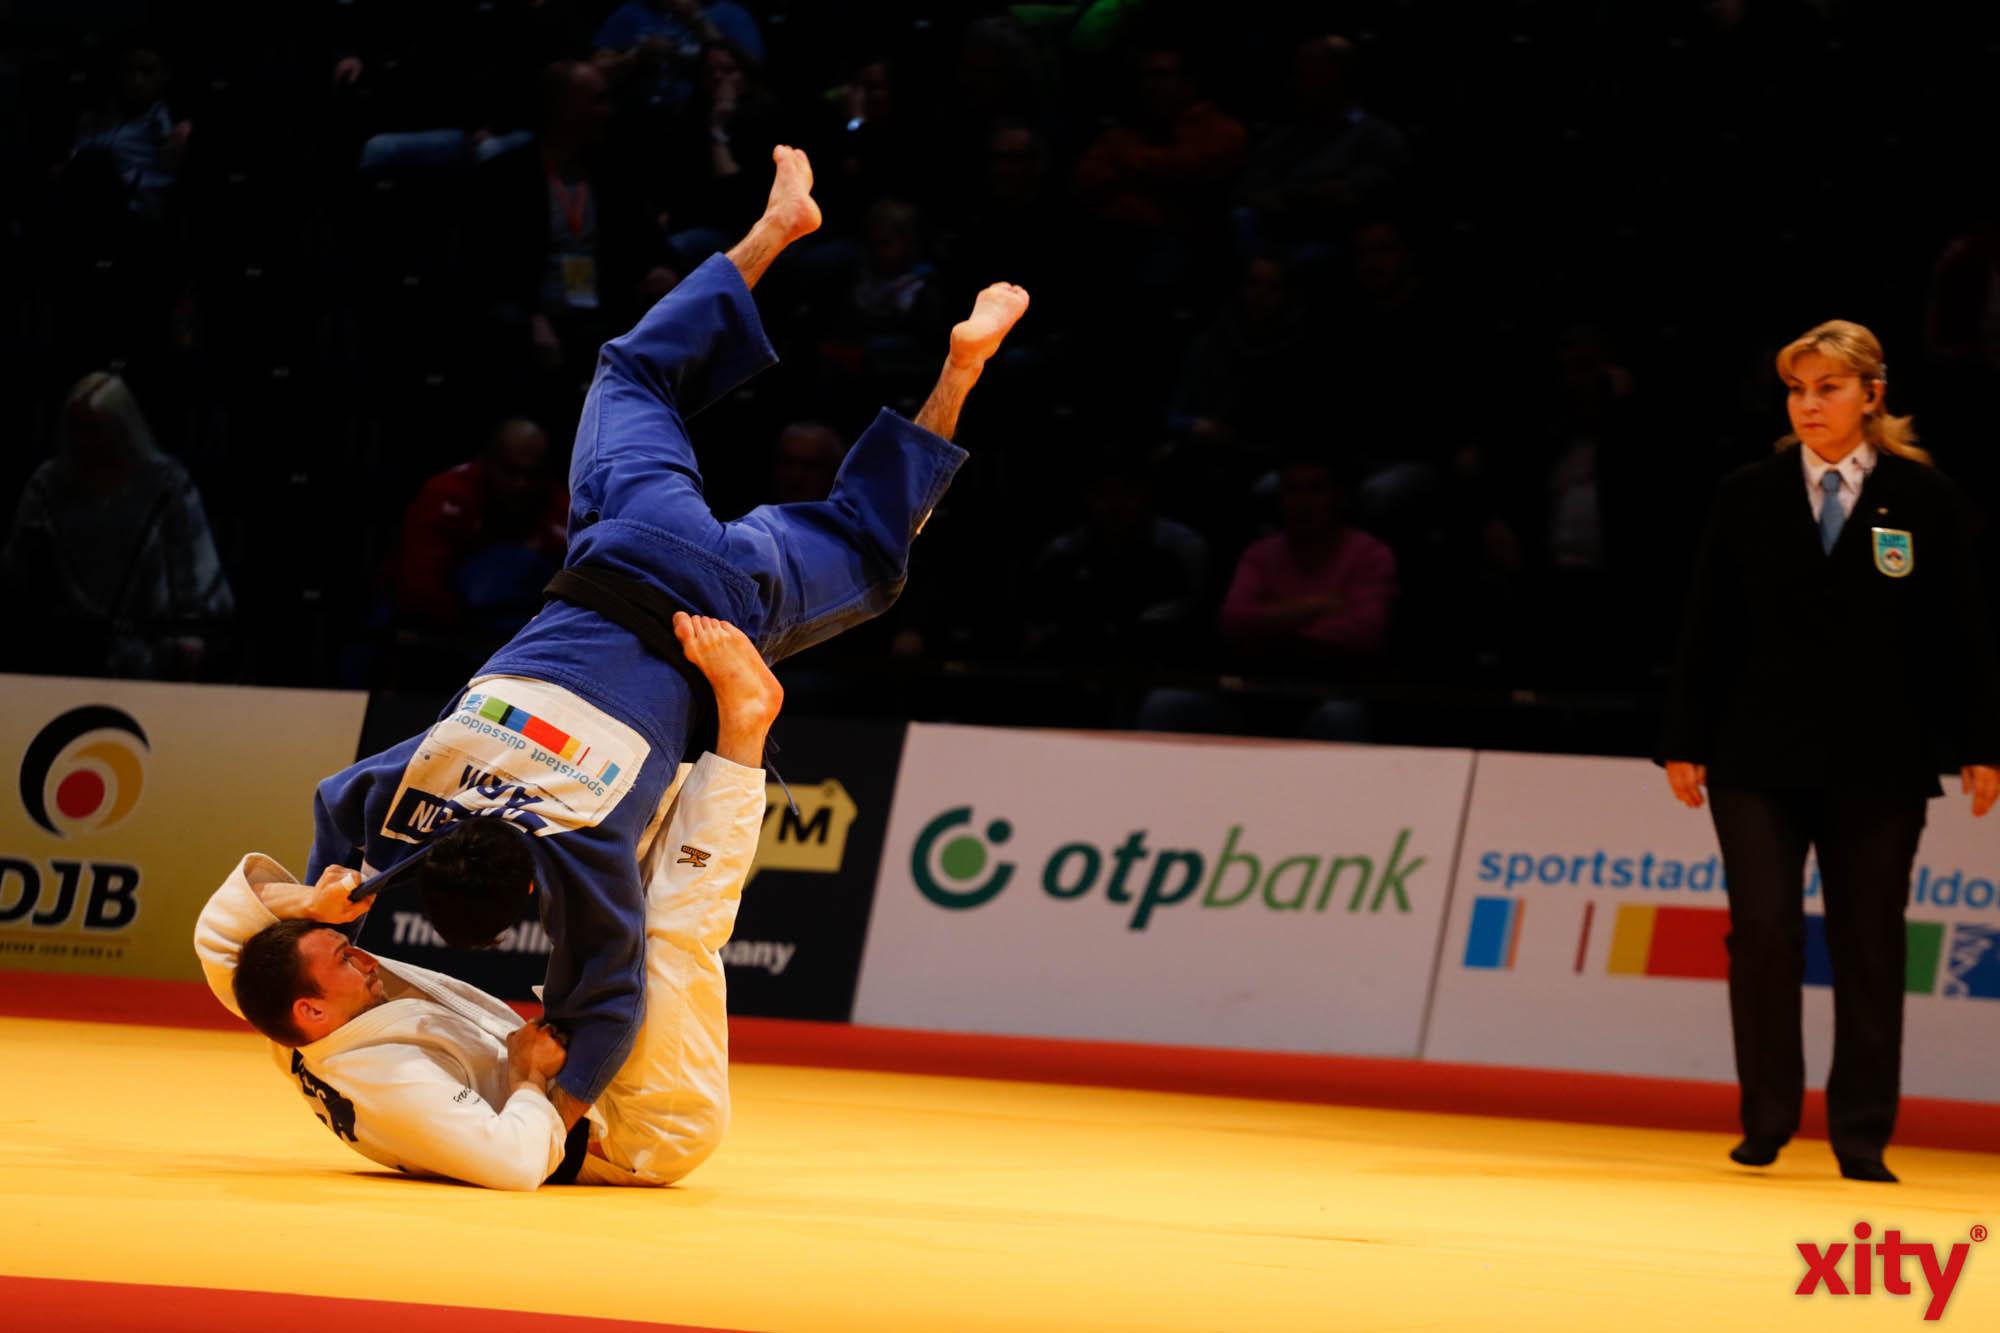 Judo Grand Prix 2016 in Düsseldorf (Foto: xity)